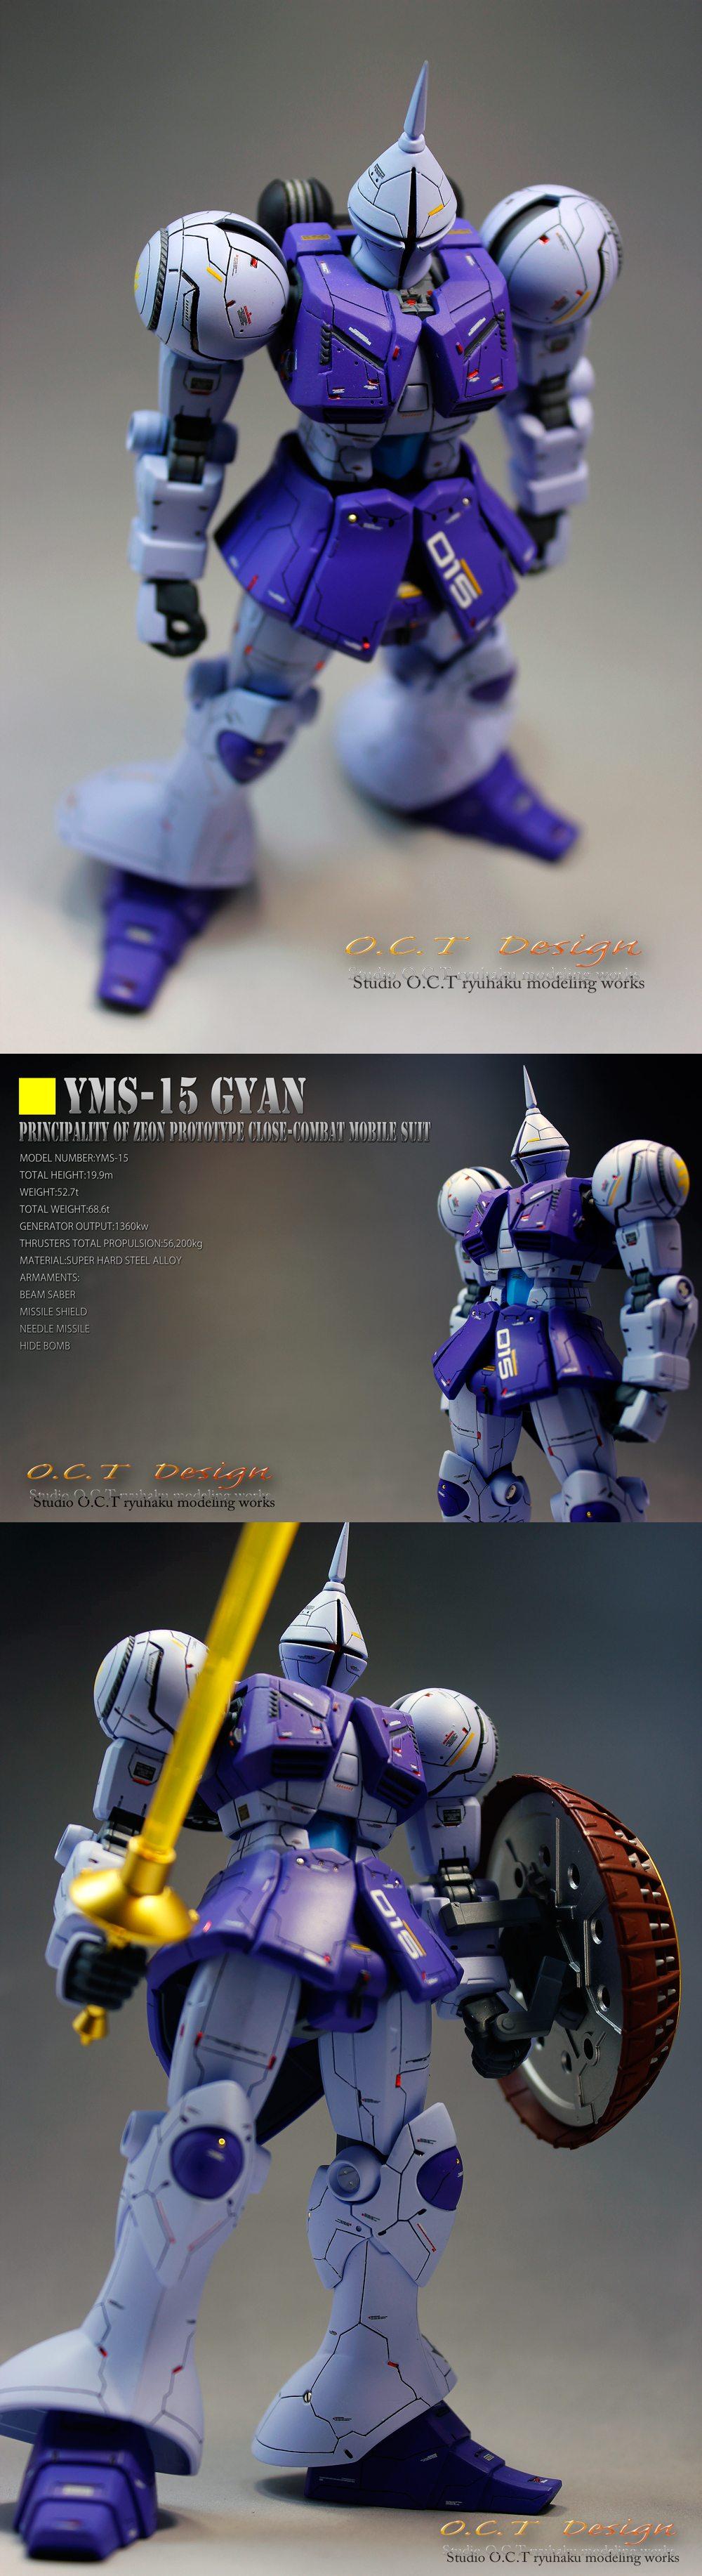 gyan105.jpg